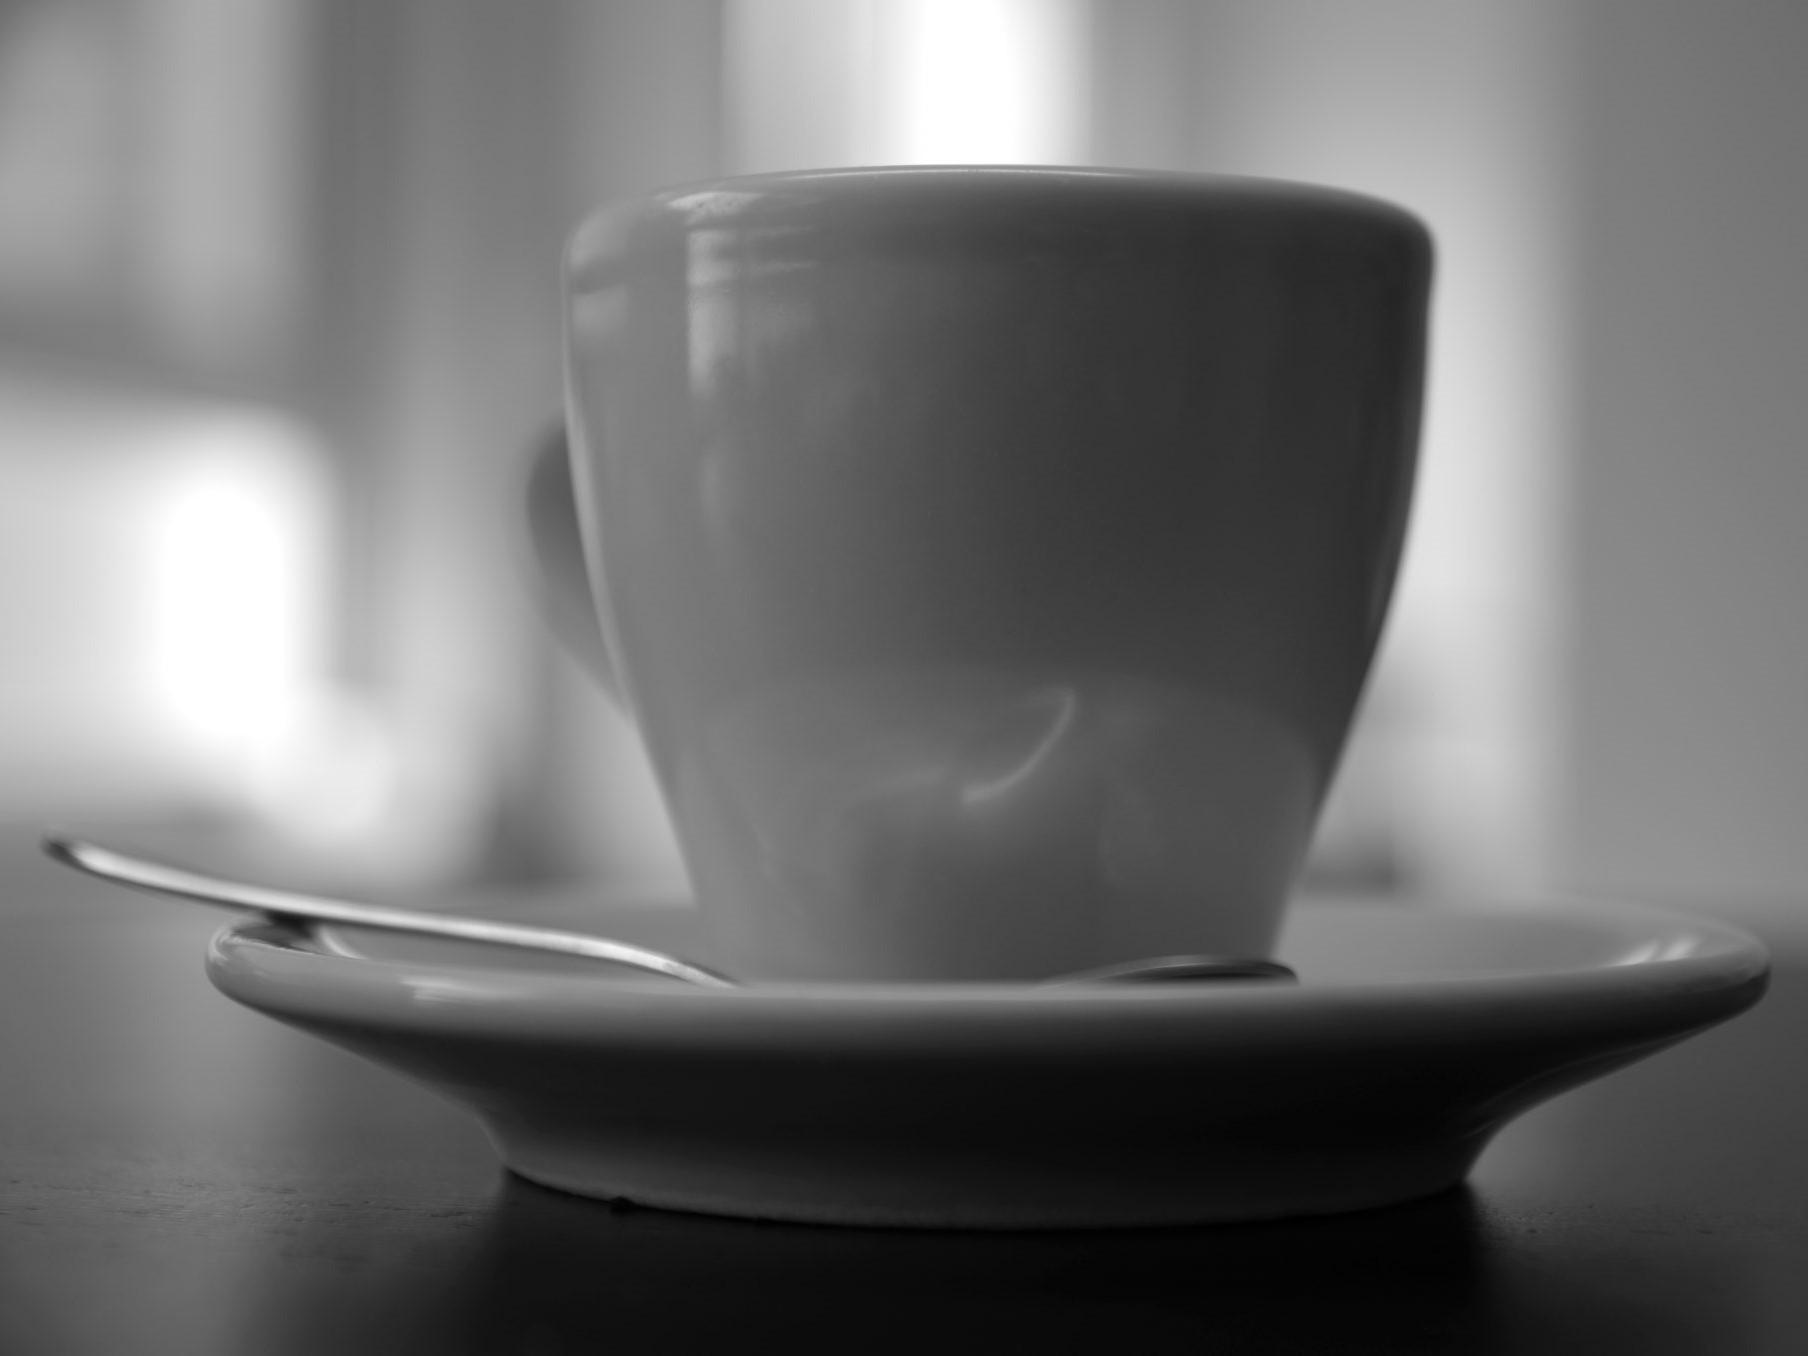 Kaffeetasse mit Untertasse und Löffel - s/w